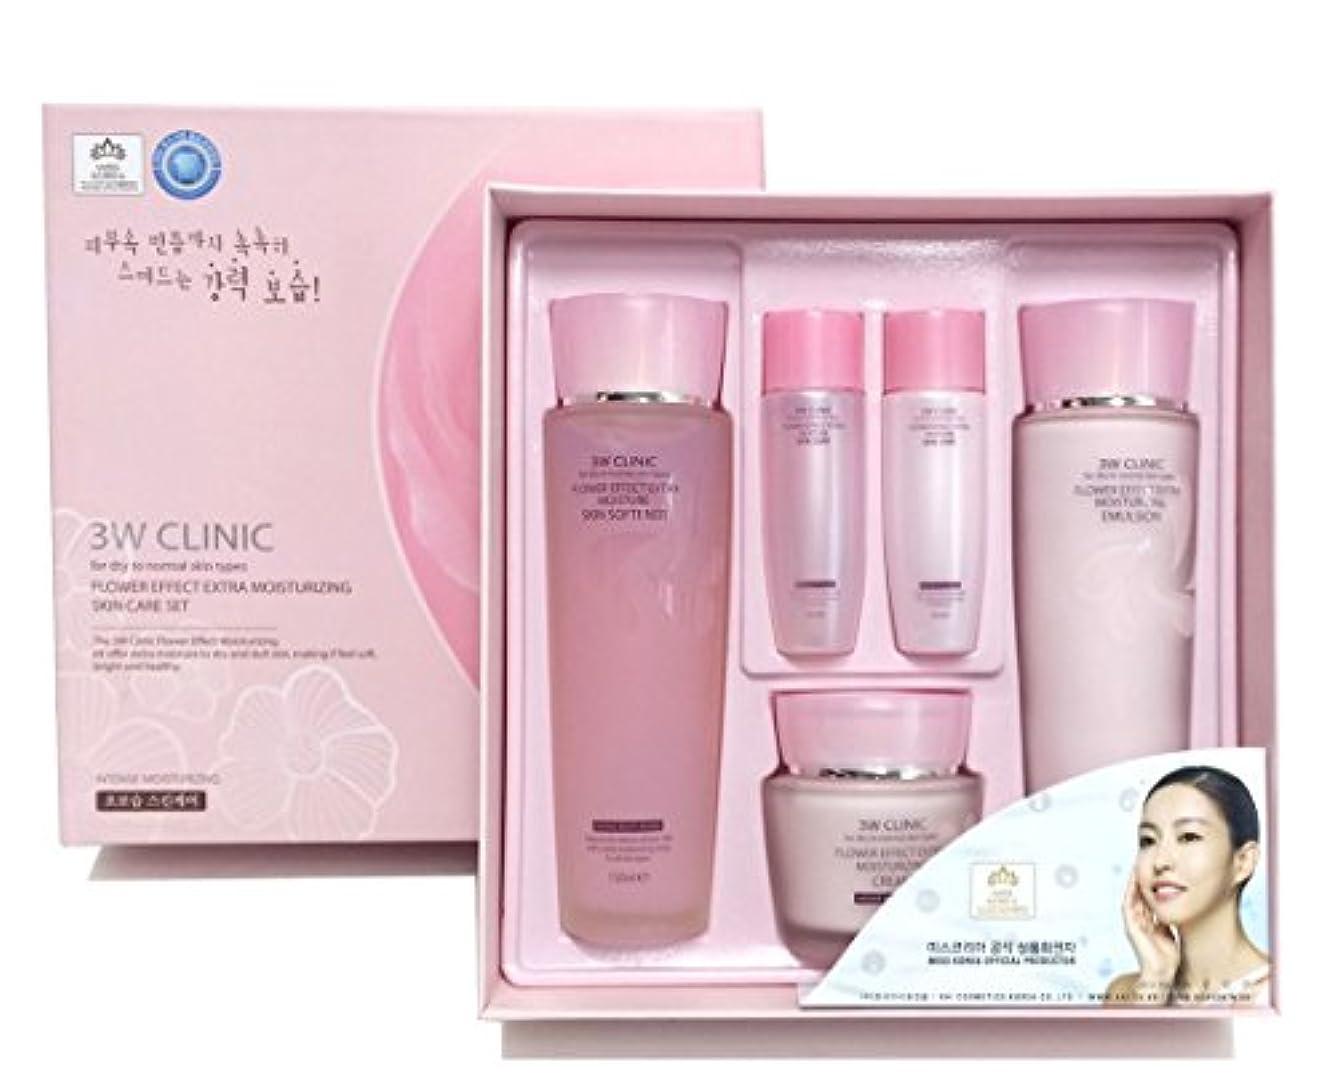 啓示ポジティブ天才[3W CLINIC] フラワーエフェクトエクストラモイスチャライジングスキンケアセット / Flower Effect Extra Moisturizing Skin Care Set / ヒアルロン酸 / hyaluronic...